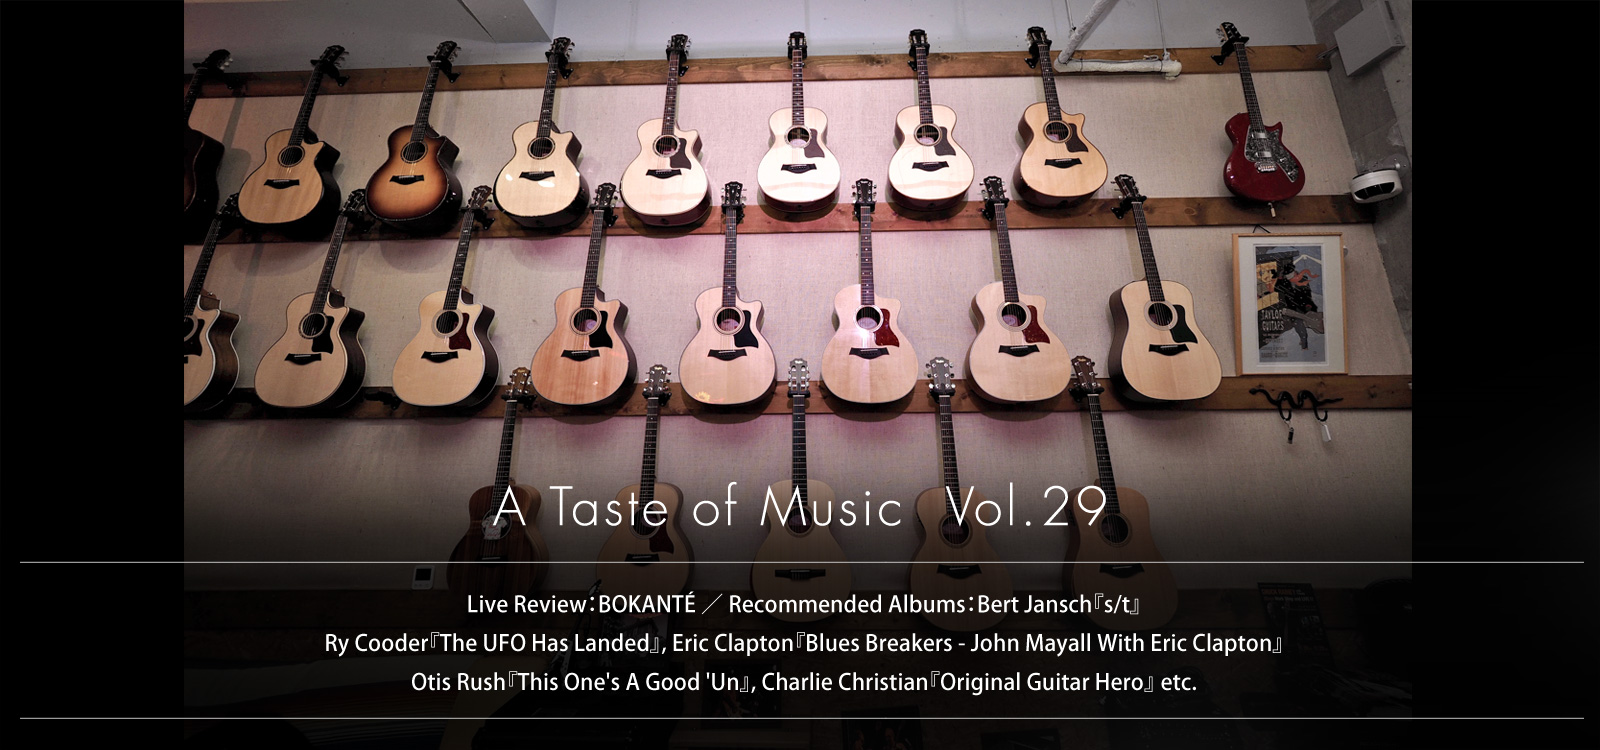 slider image A Taste of Music Vol.29